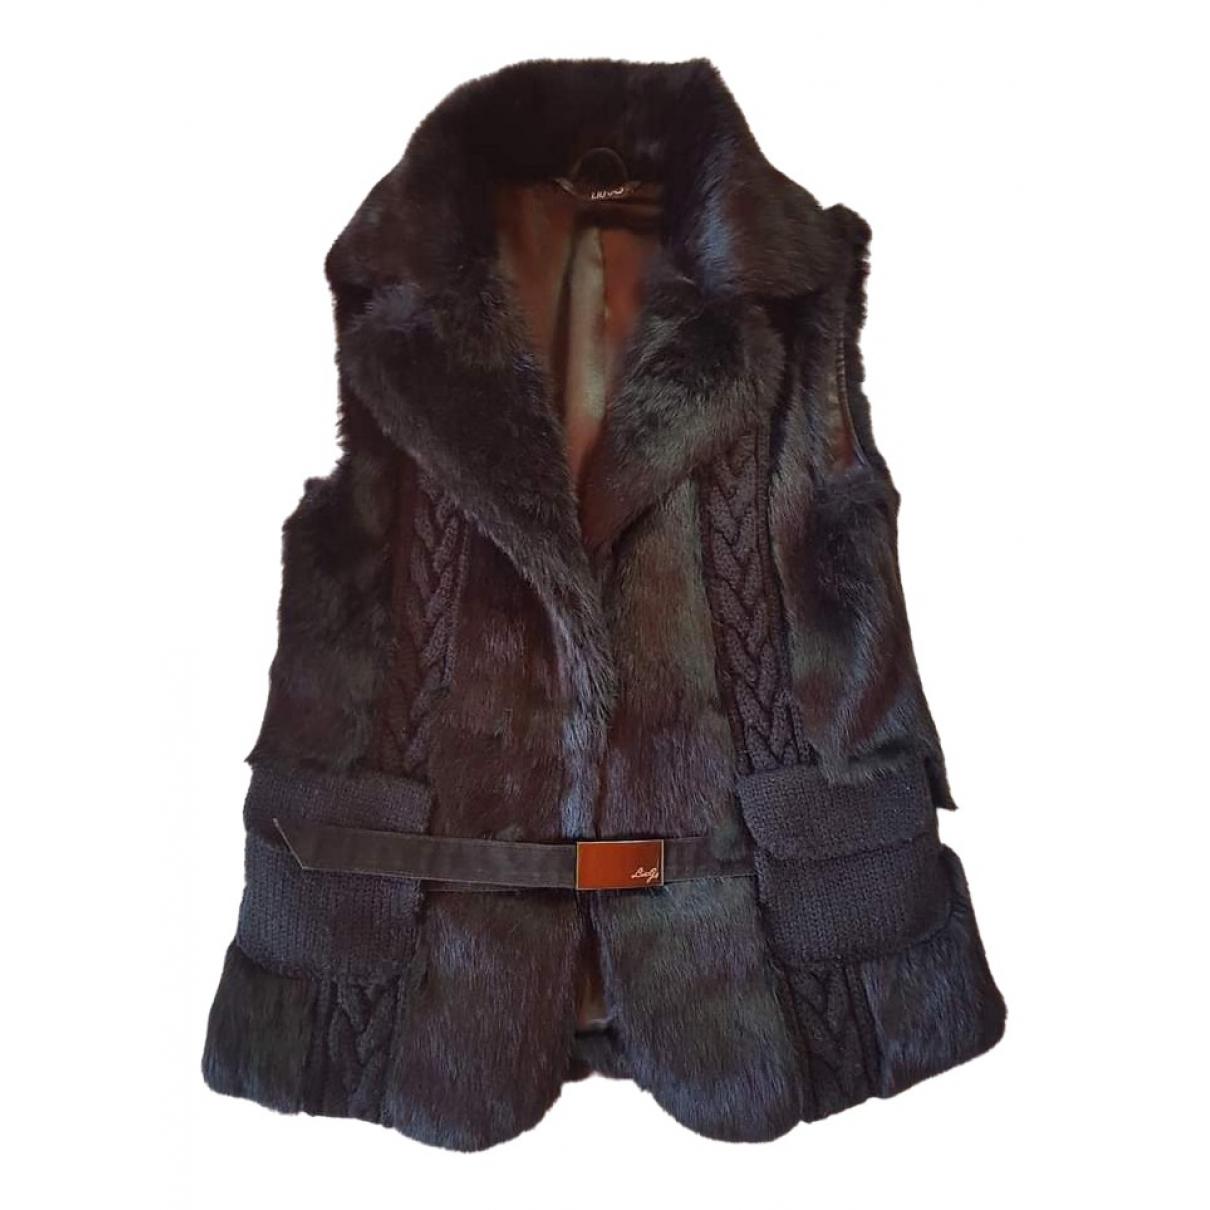 Liu.jo \N Black Rabbit jacket for Women S International